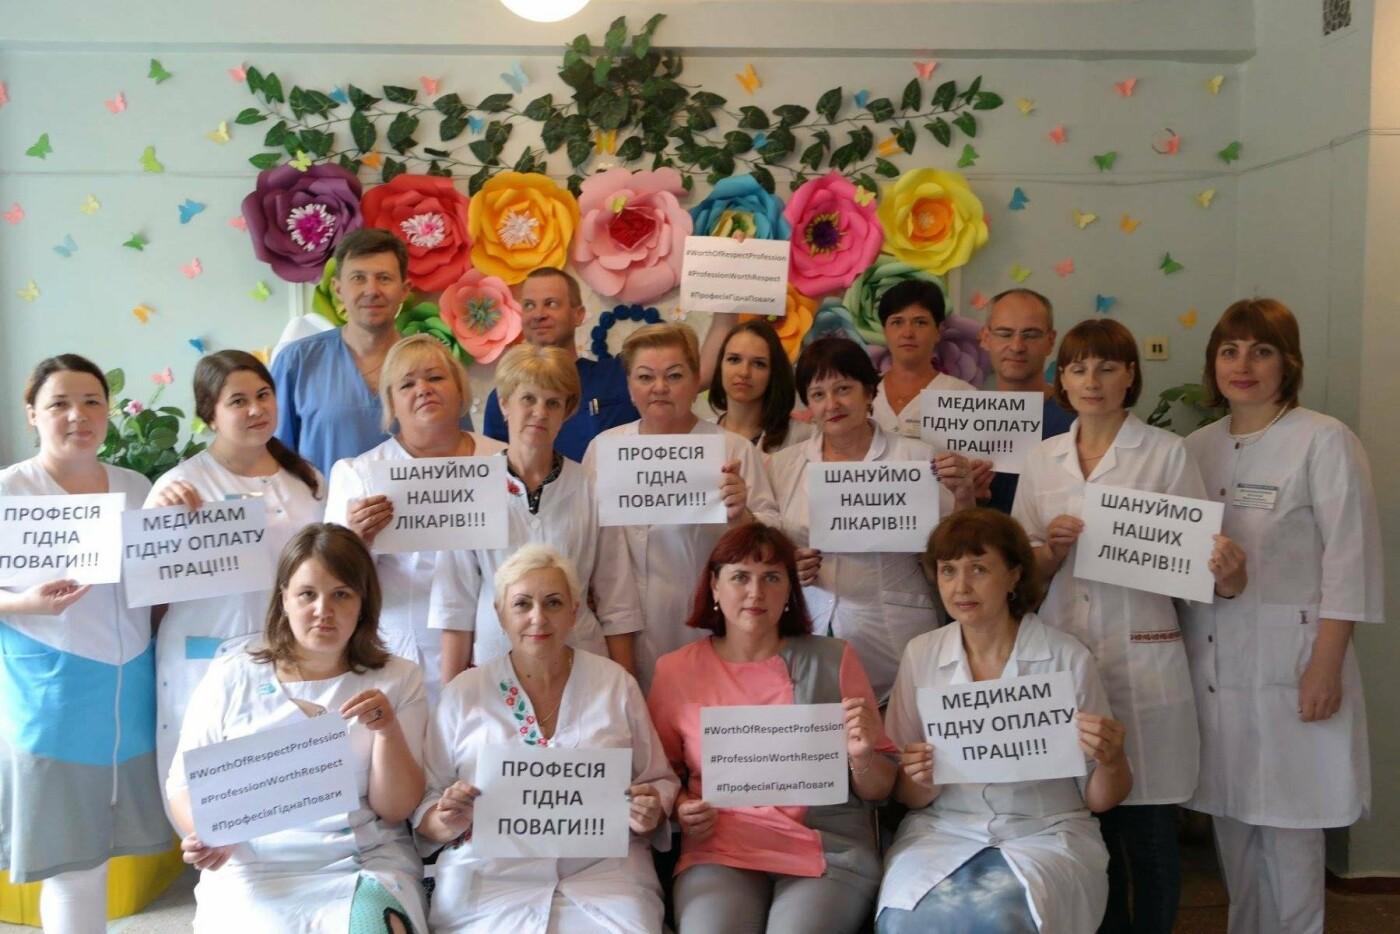 «Профессия достойна уважения»: врачи Каменского требуют улучшить финансирование медицины, фото-2